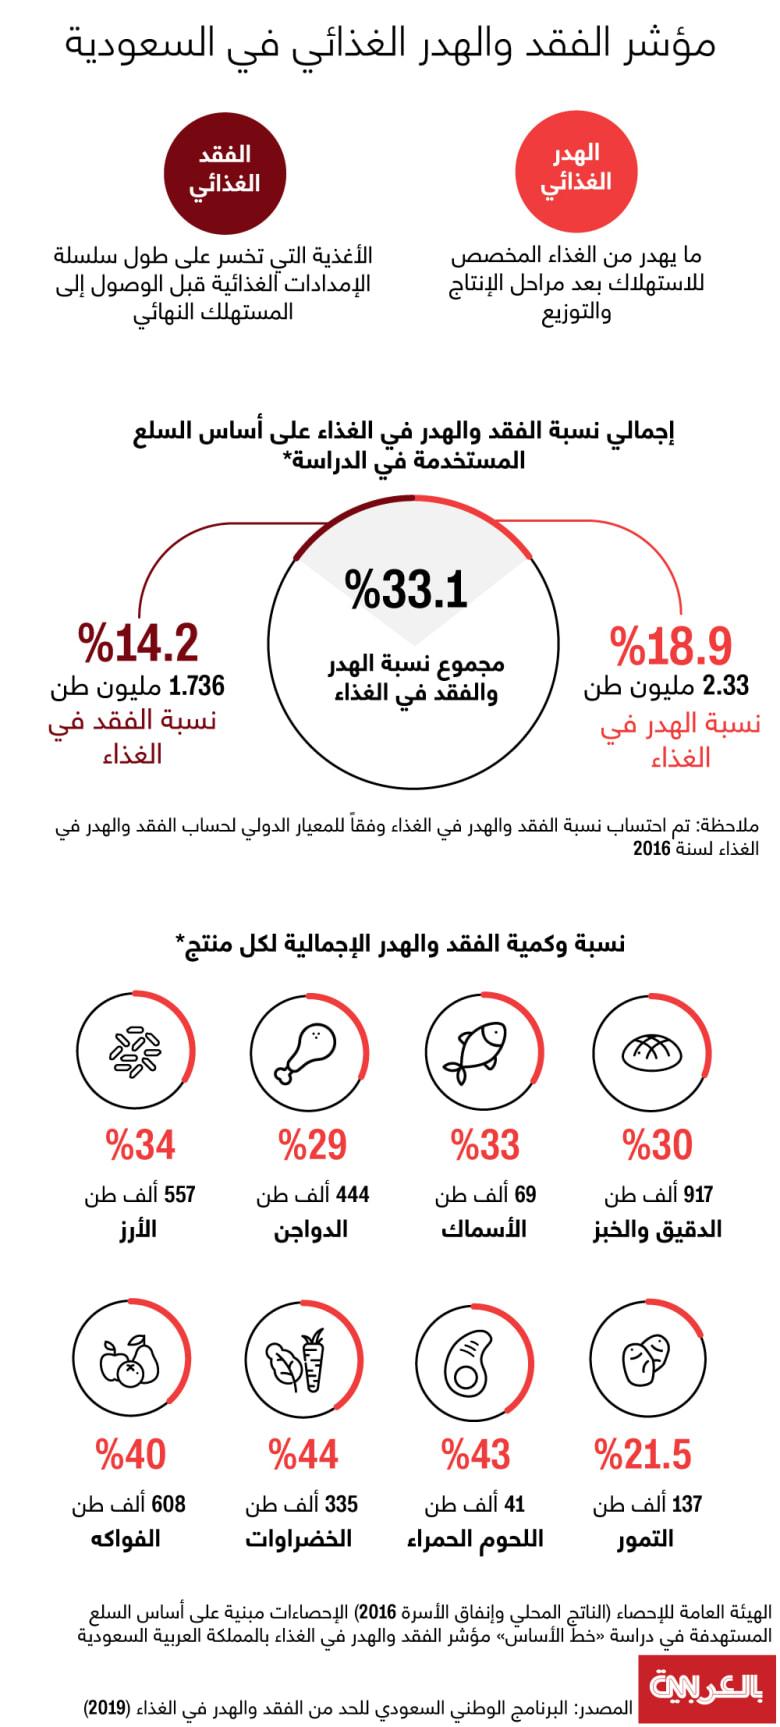 Saudi-food-waste-2020